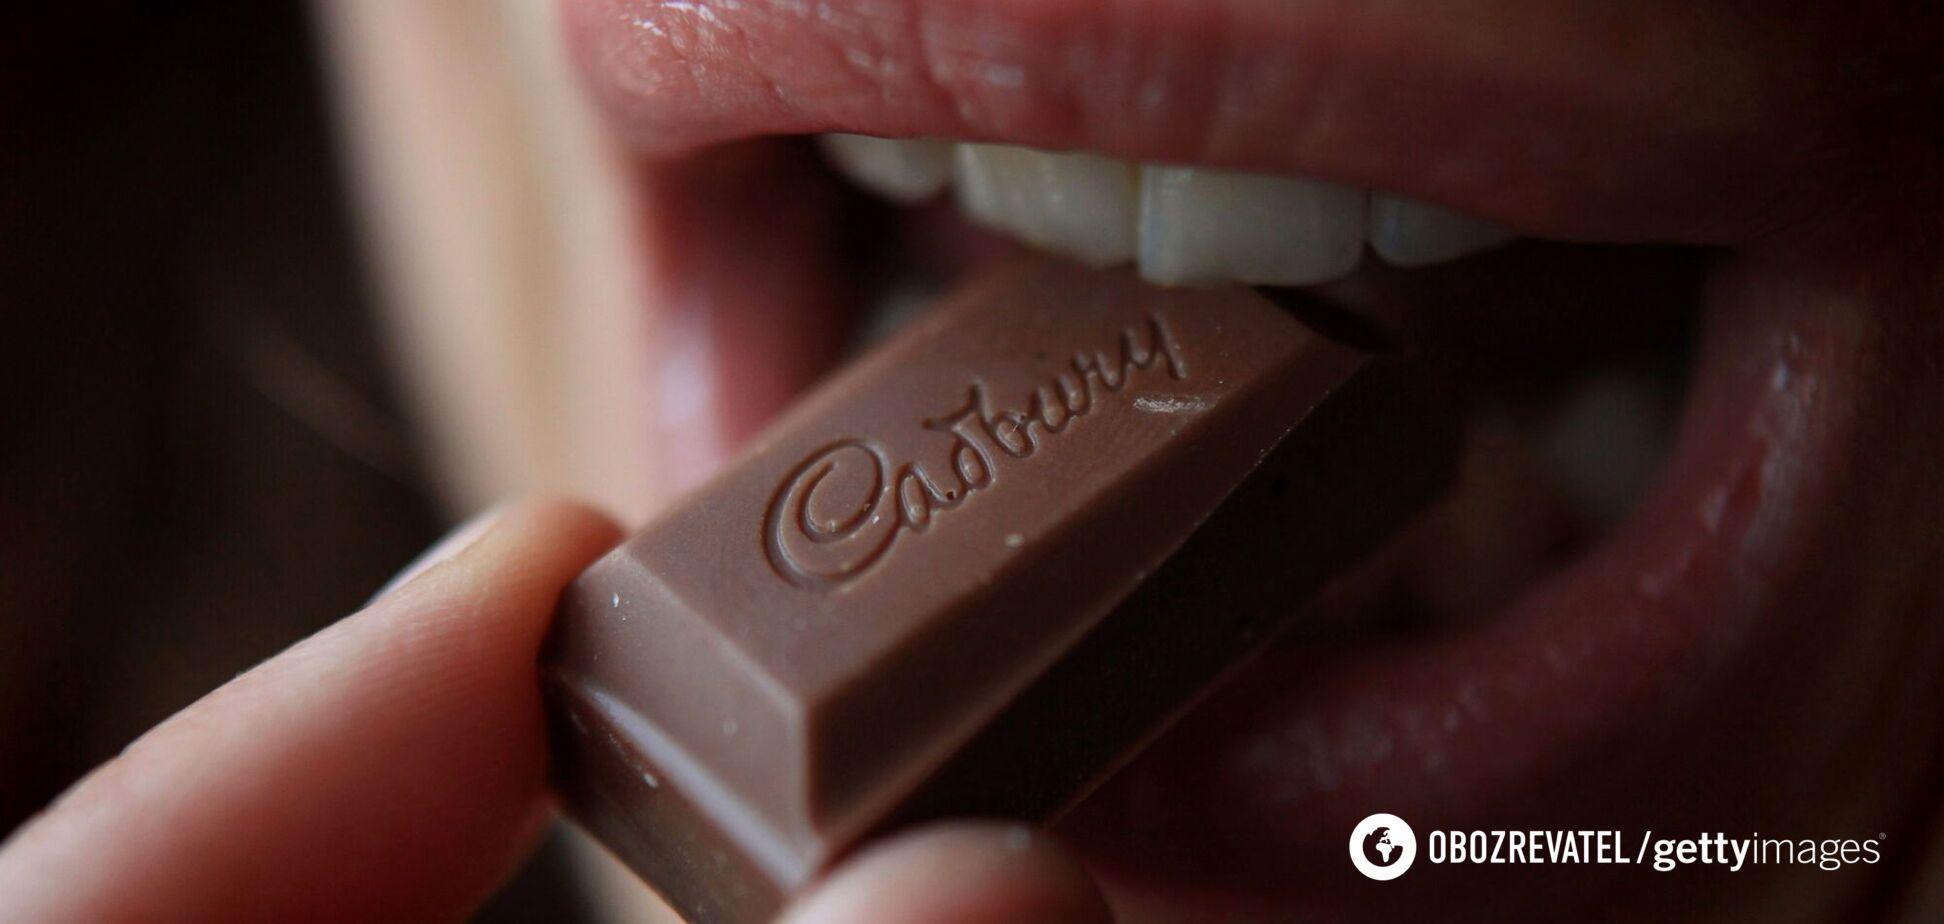 В Україну з Іспанії завезли шоколад з небезпечним токсином